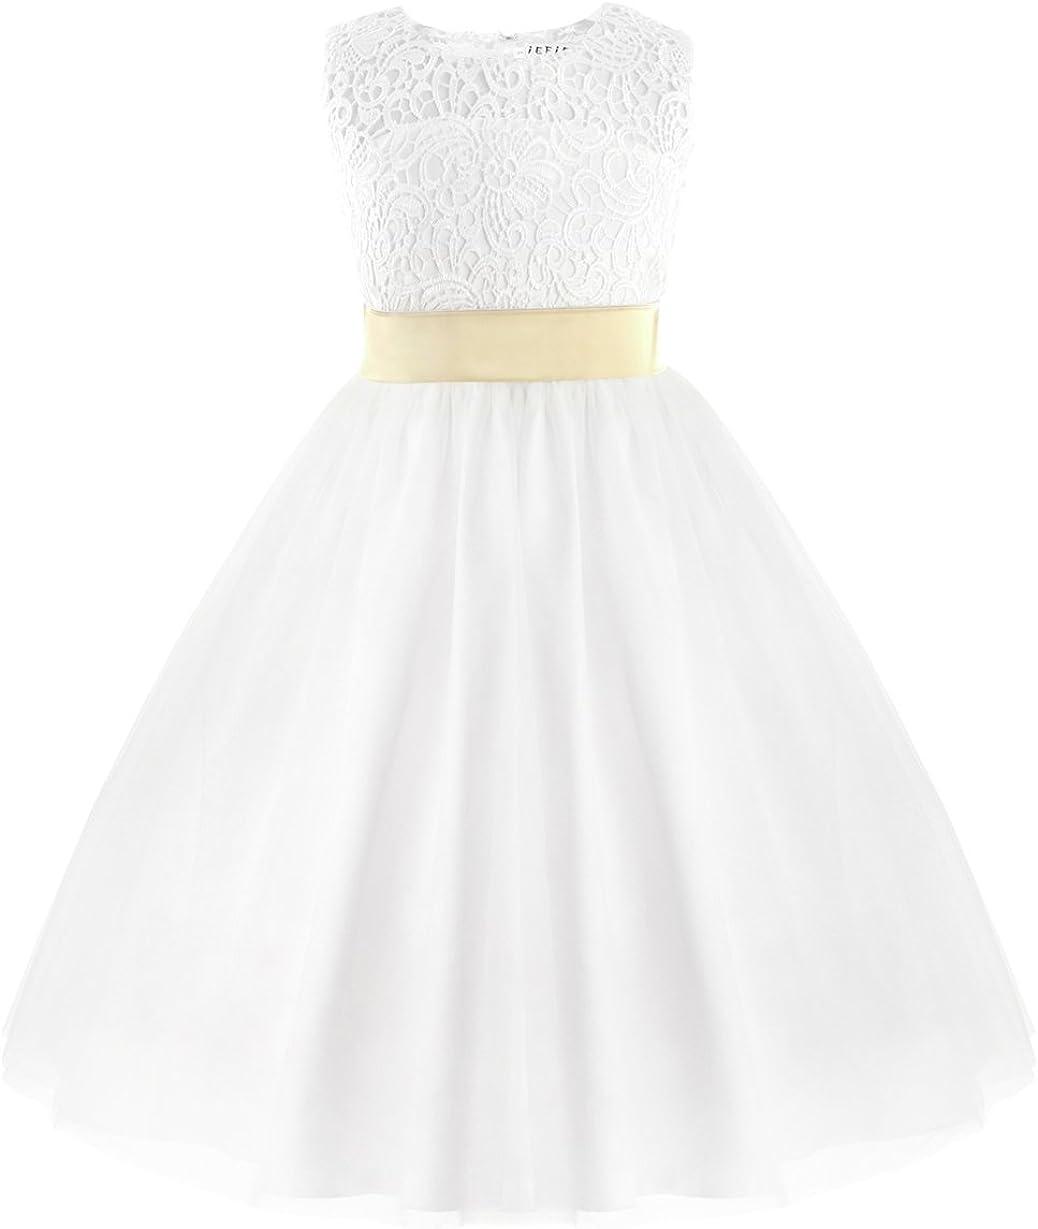 IEFIEL Vestido Blanco de Princesa Fiesta Ceremonia Boda Vestido Encaje Floreado Bautizo para Niña (2-12 Años) Espalda al Aire